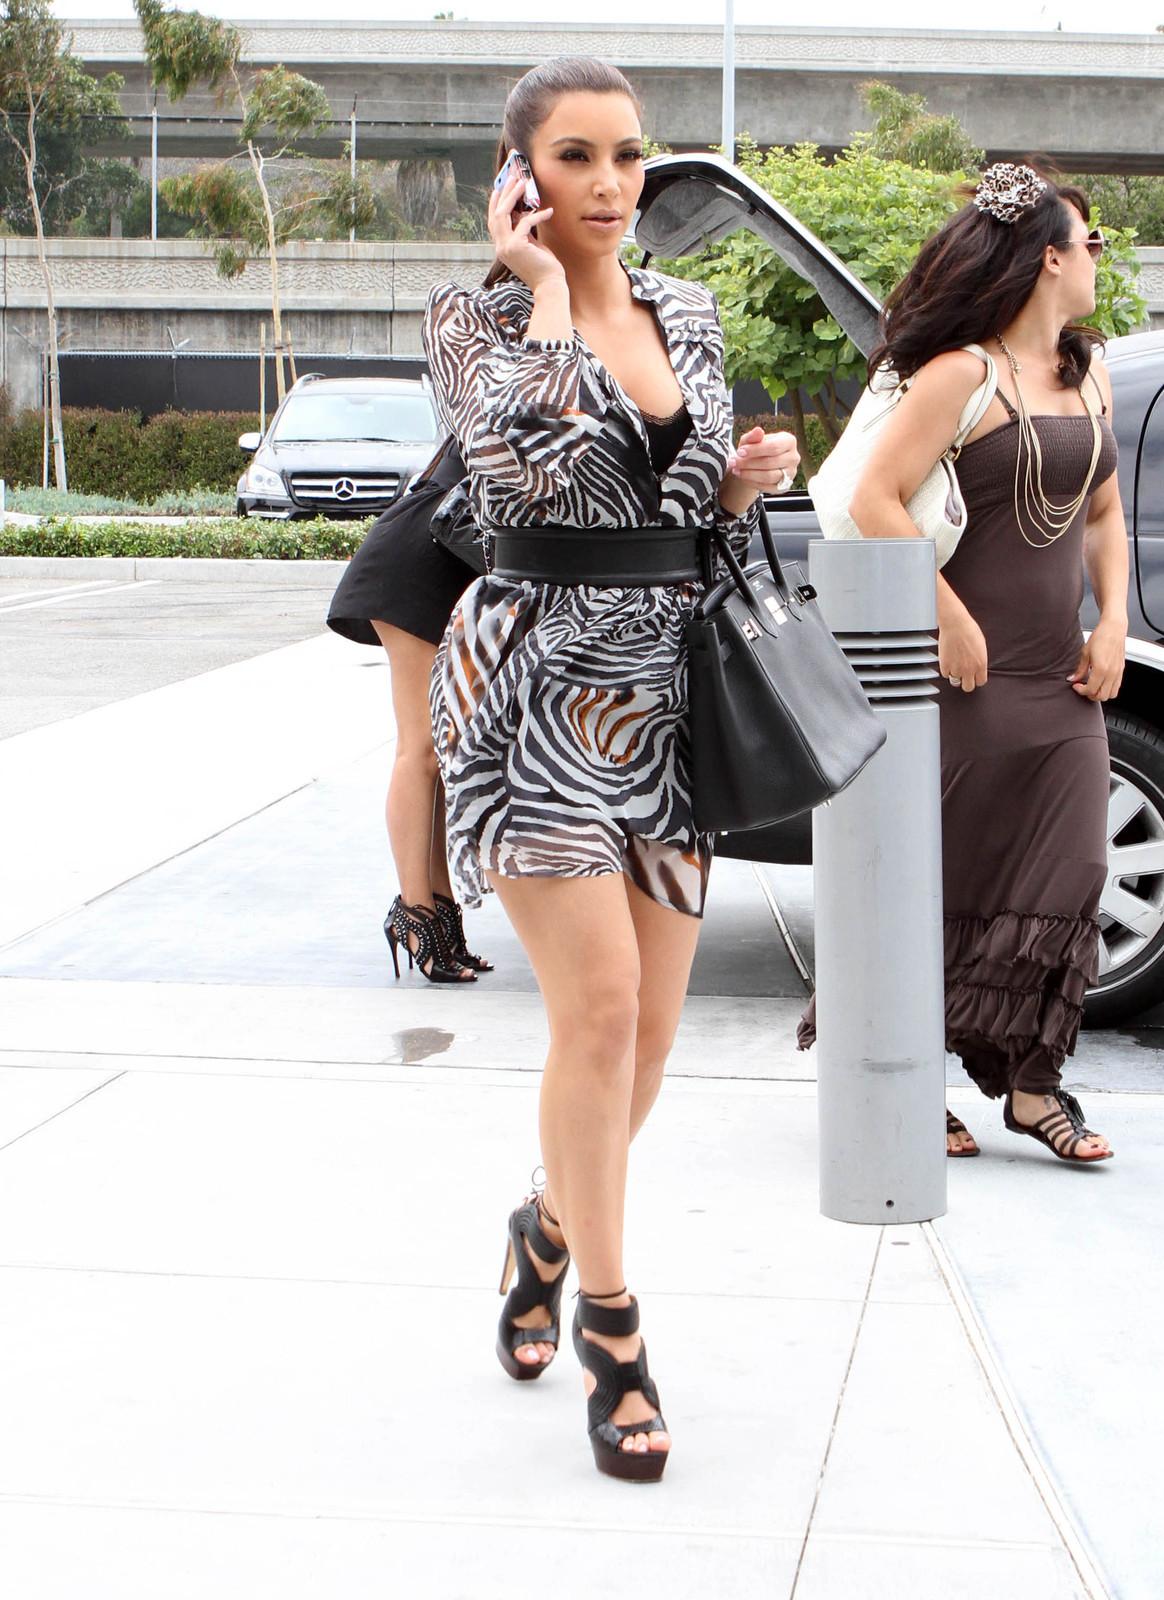 http://4.bp.blogspot.com/-gVGjzhrQvXw/Tqbj8PlR9nI/AAAAAAAABpY/jPw0Re4W0_E/s1600/Kim+Kardashian32295909.jpg